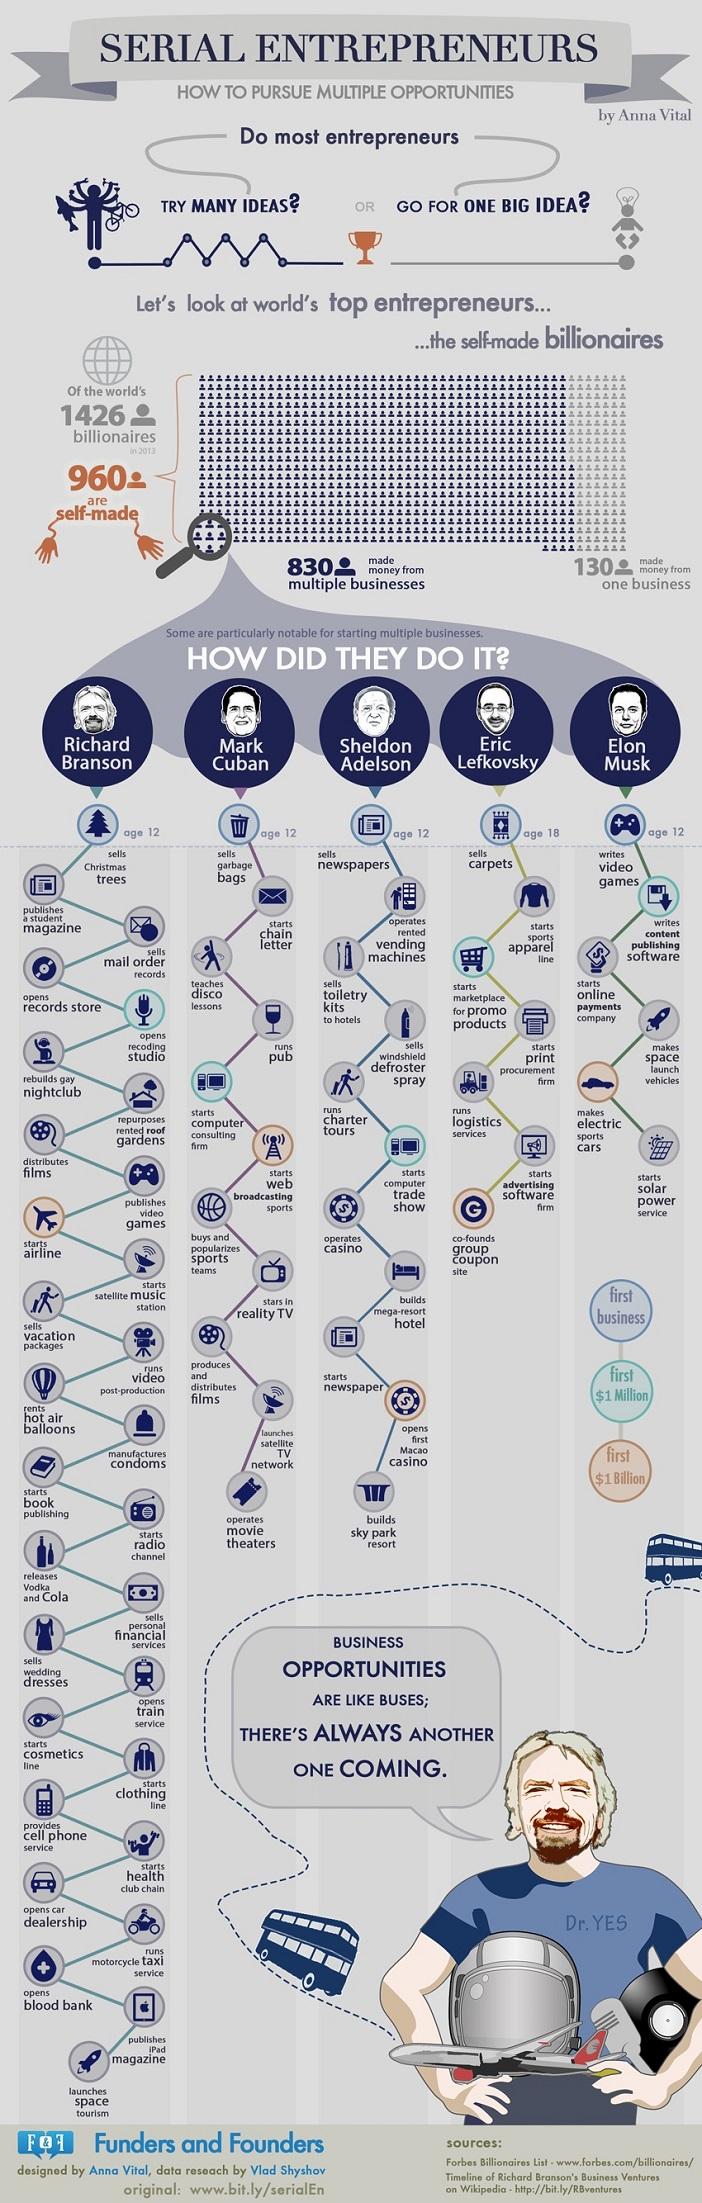 Infographie_serial-entrepreneurs_Richard_Branson_Elon_Musk_702